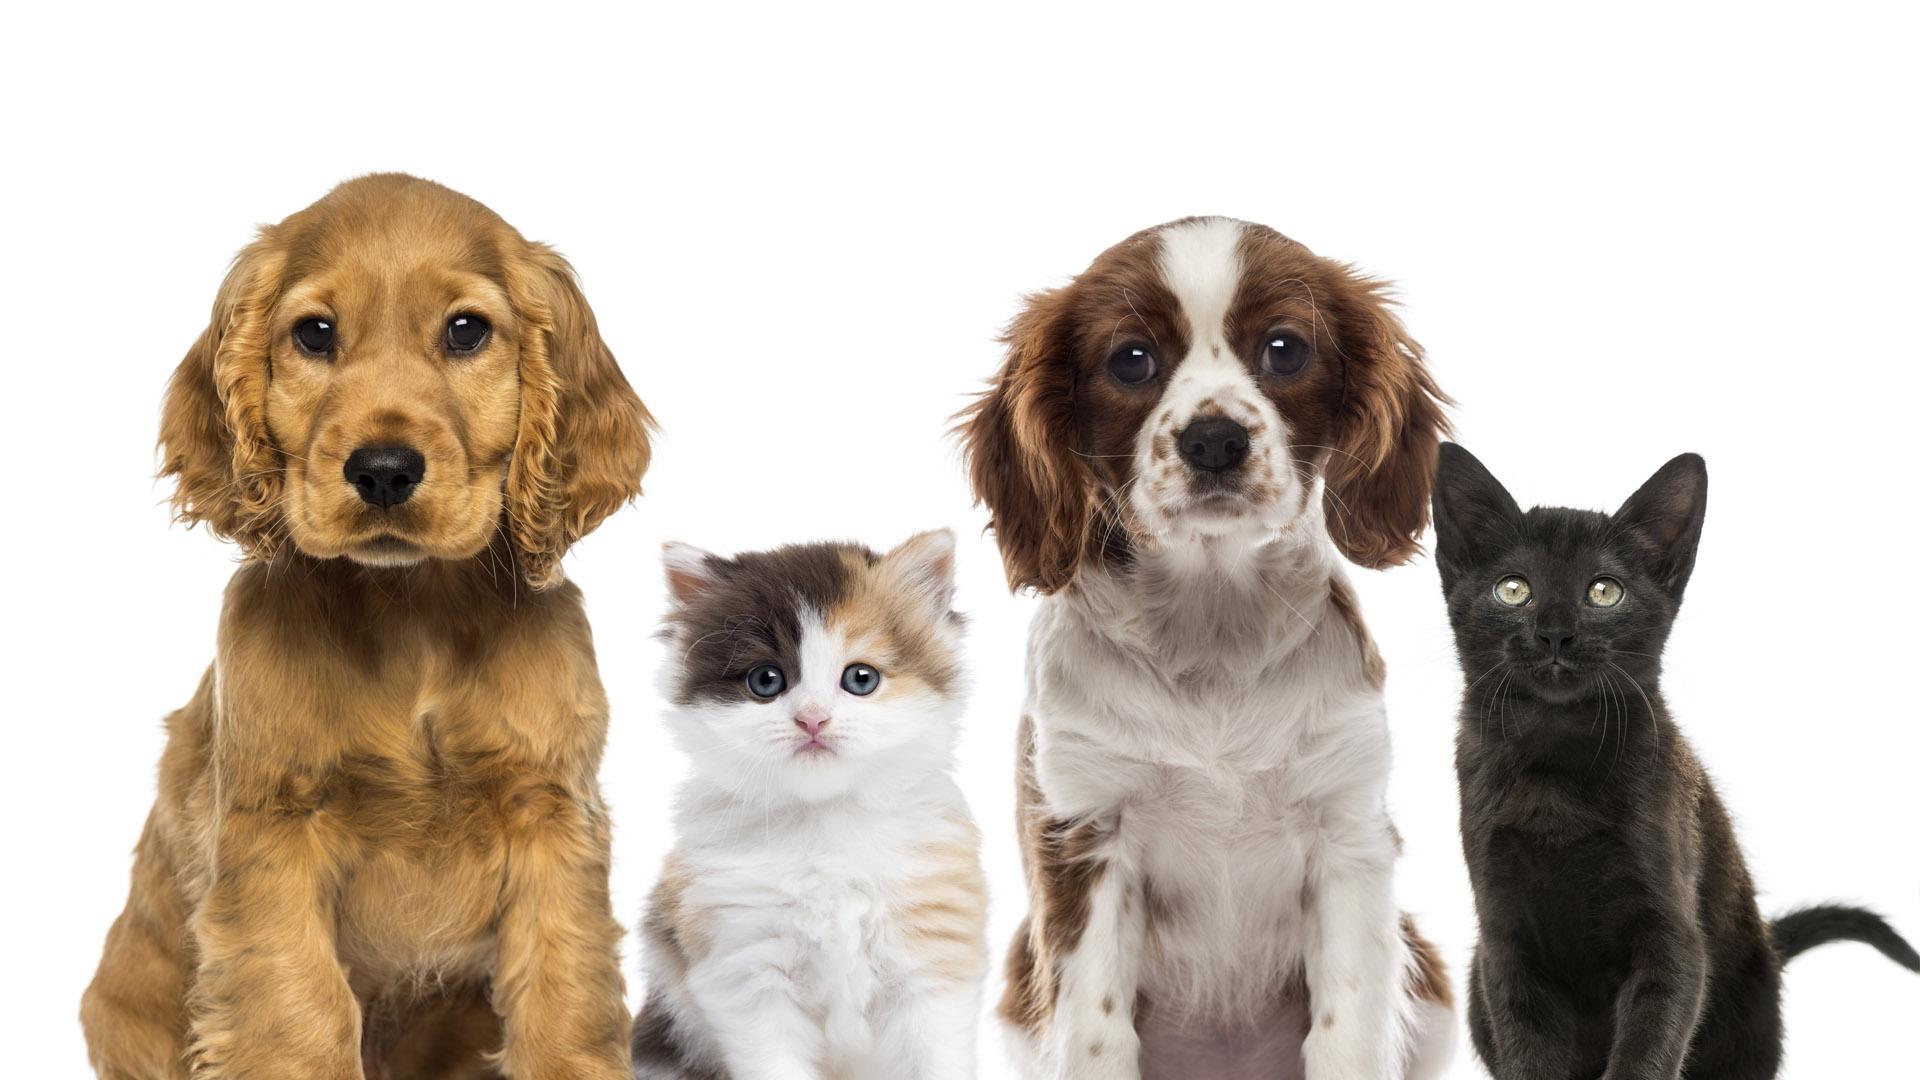 El promedio de vida de un perro es de alrededor de 12 o 13 años, mientras que los gatos viven generalmente 12 a 15 años